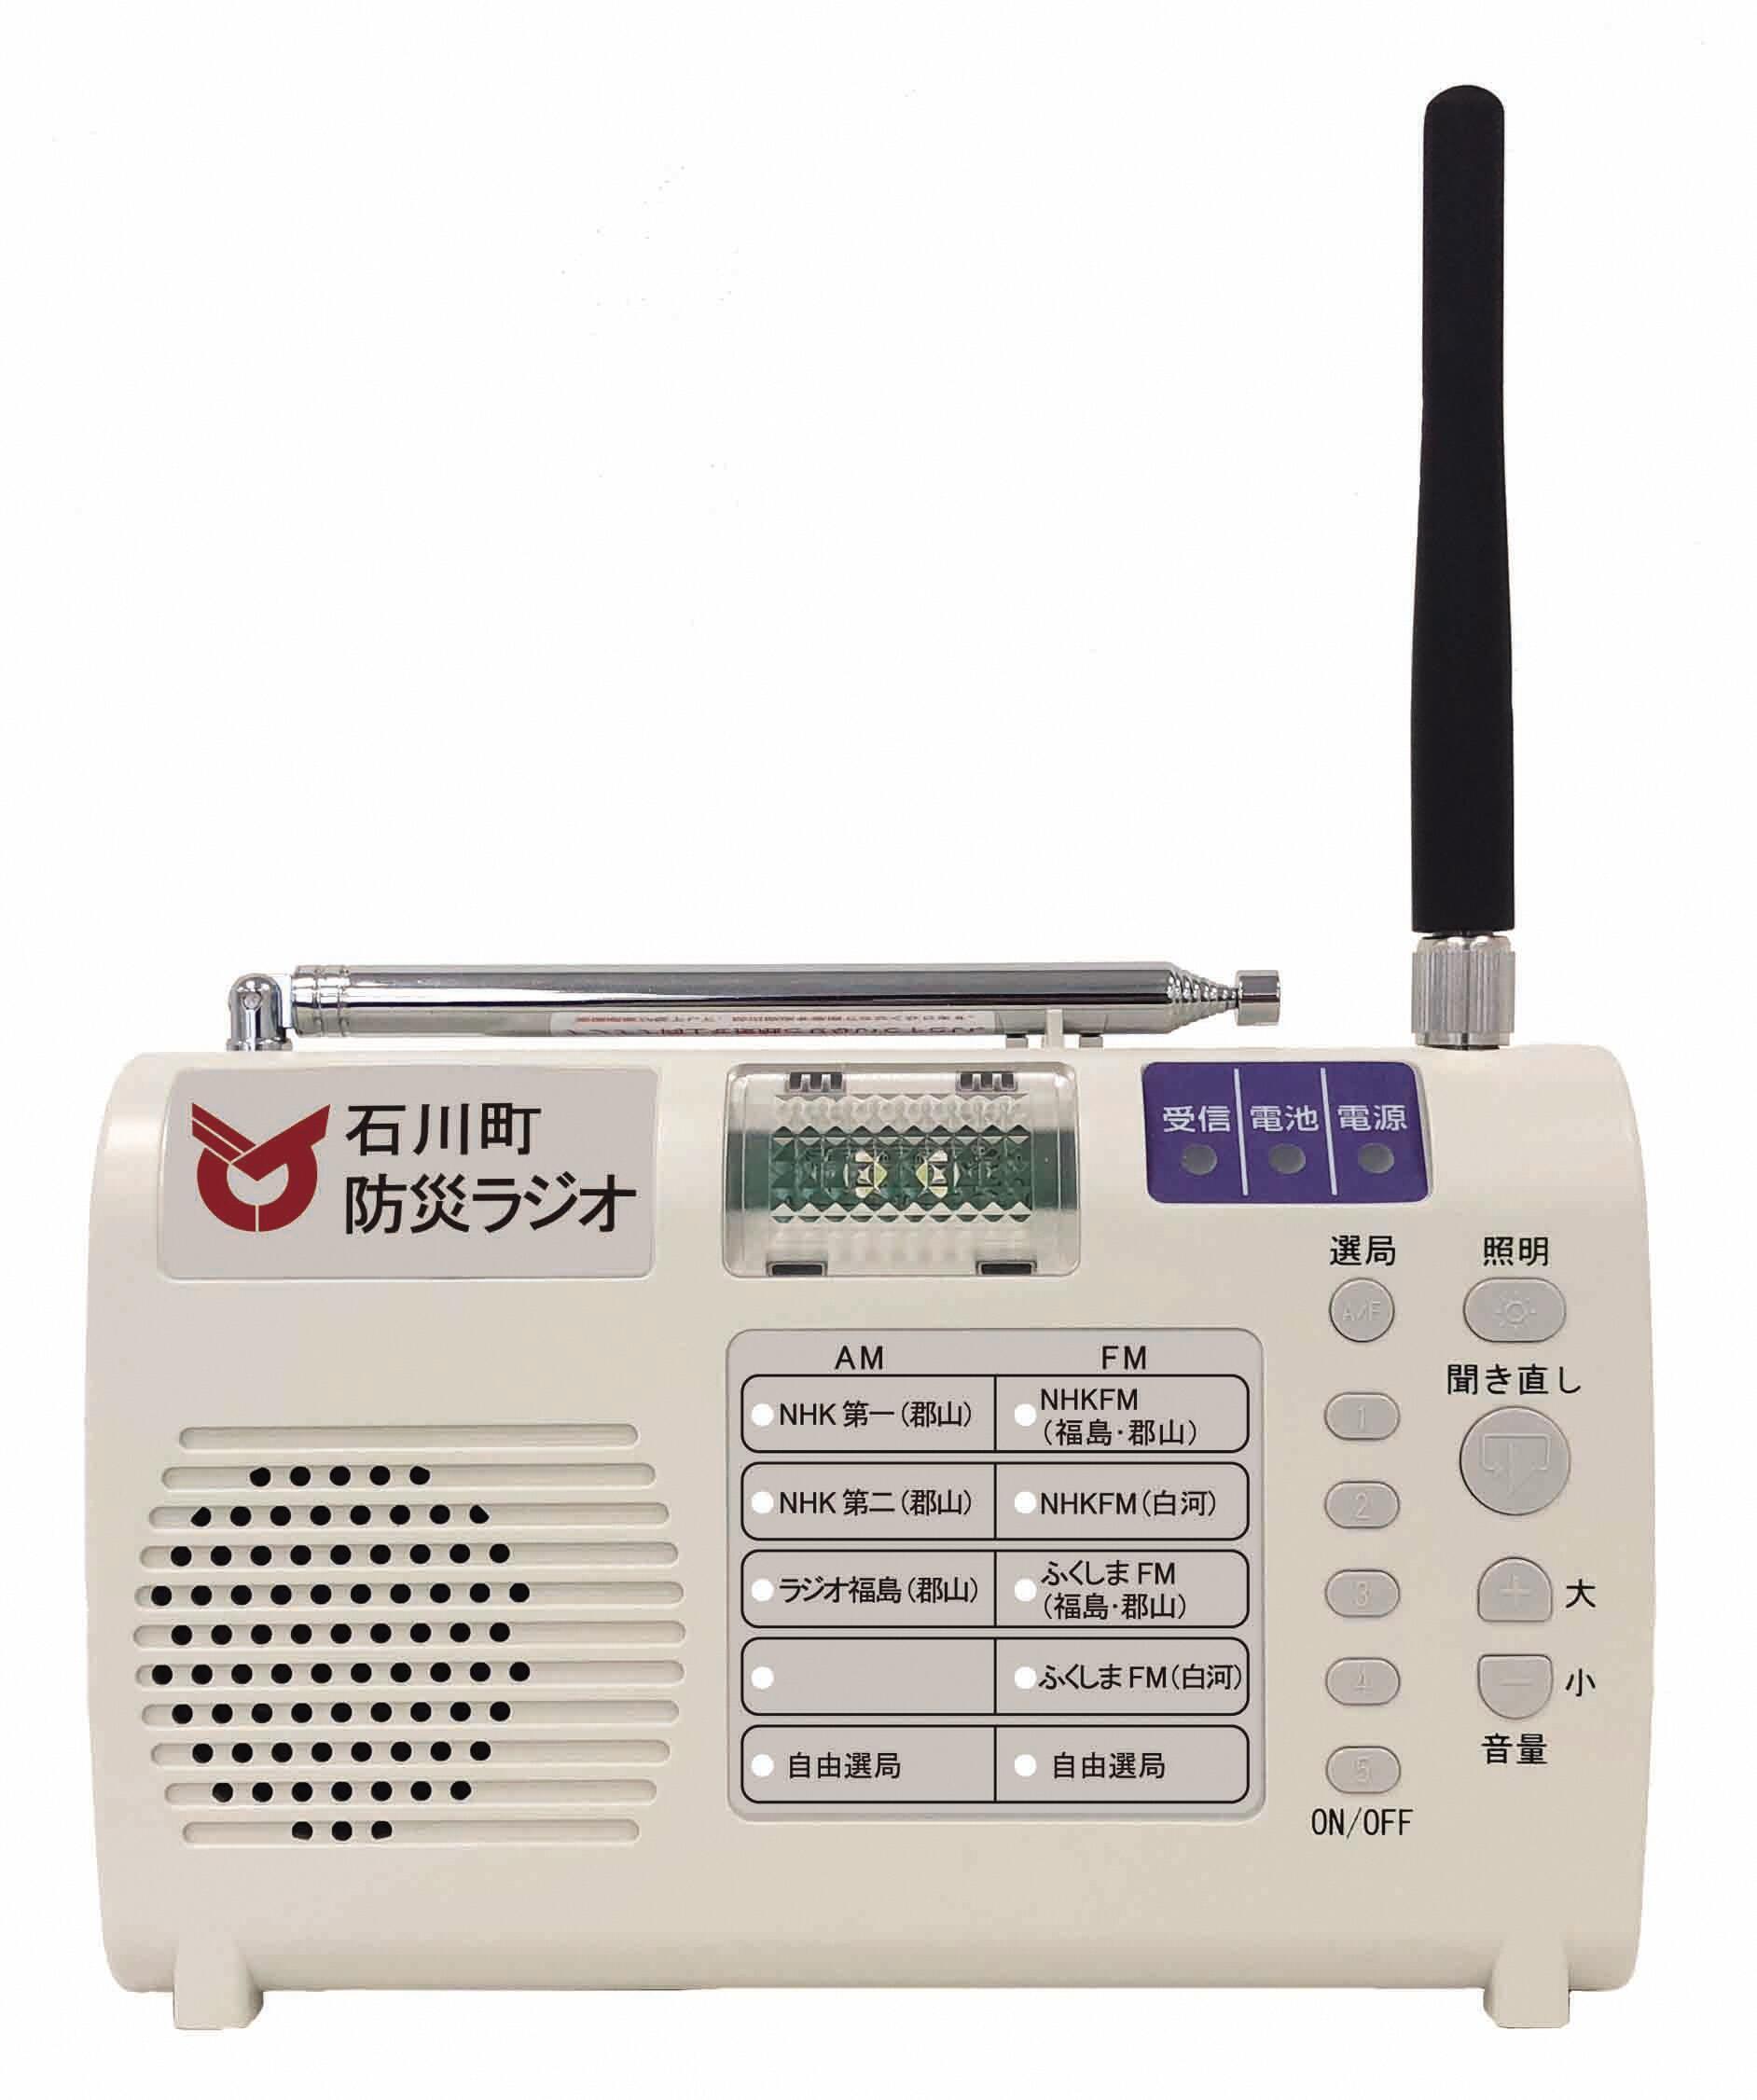 ラジオ 福島 fm